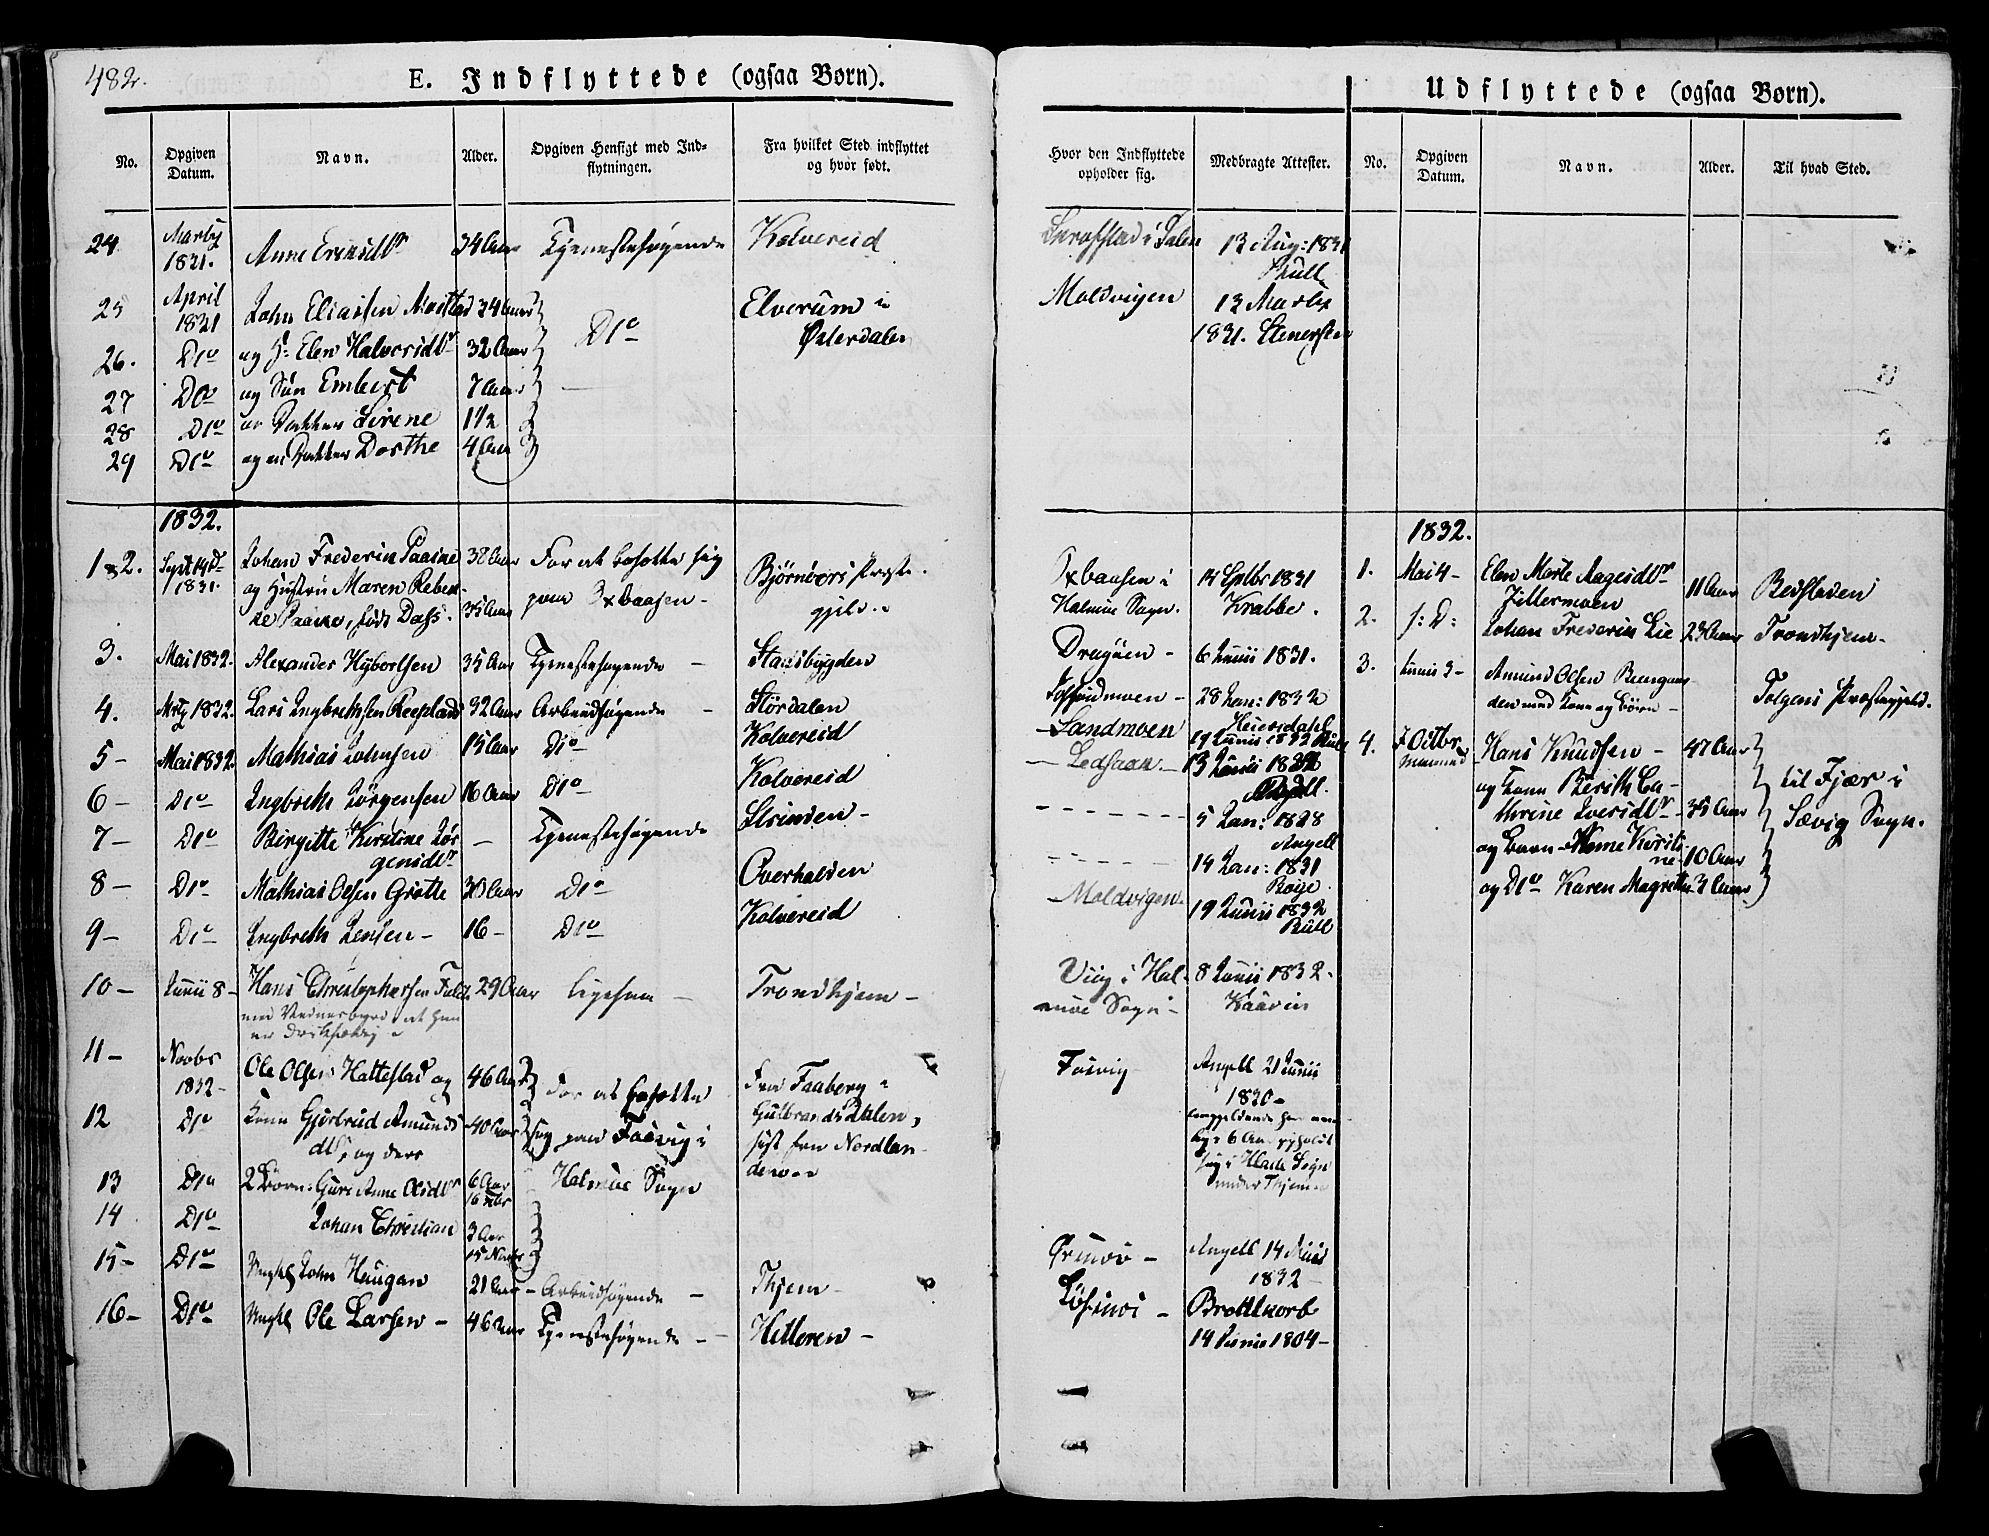 SAT, Ministerialprotokoller, klokkerbøker og fødselsregistre - Nord-Trøndelag, 773/L0614: Ministerialbok nr. 773A05, 1831-1856, s. 482